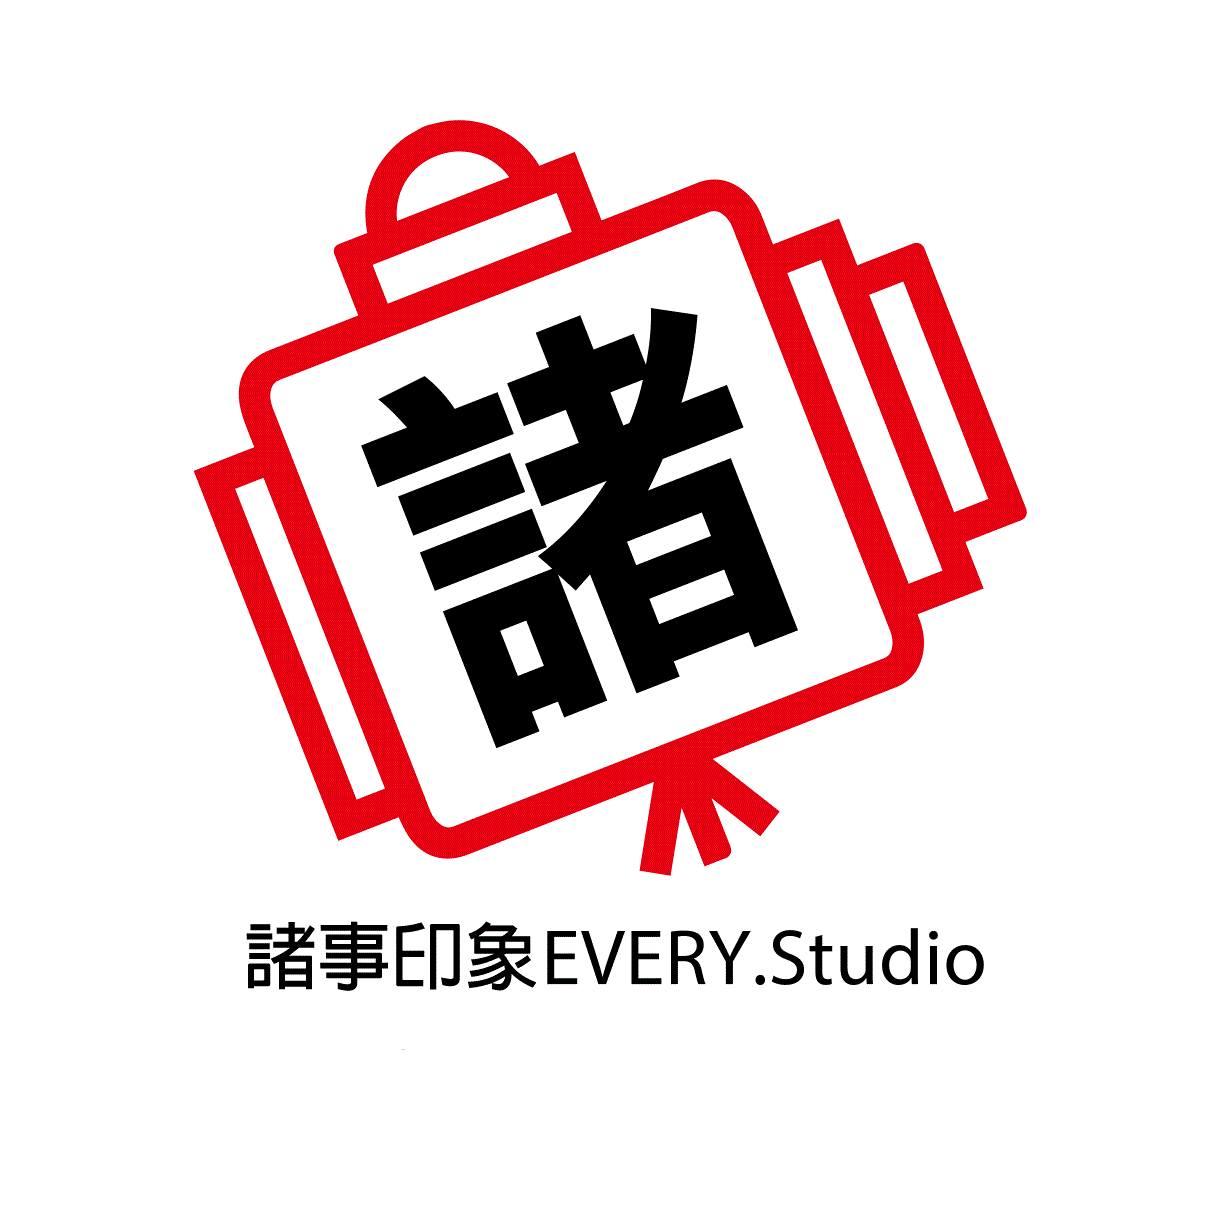 諸事印象 EVERY-Studio